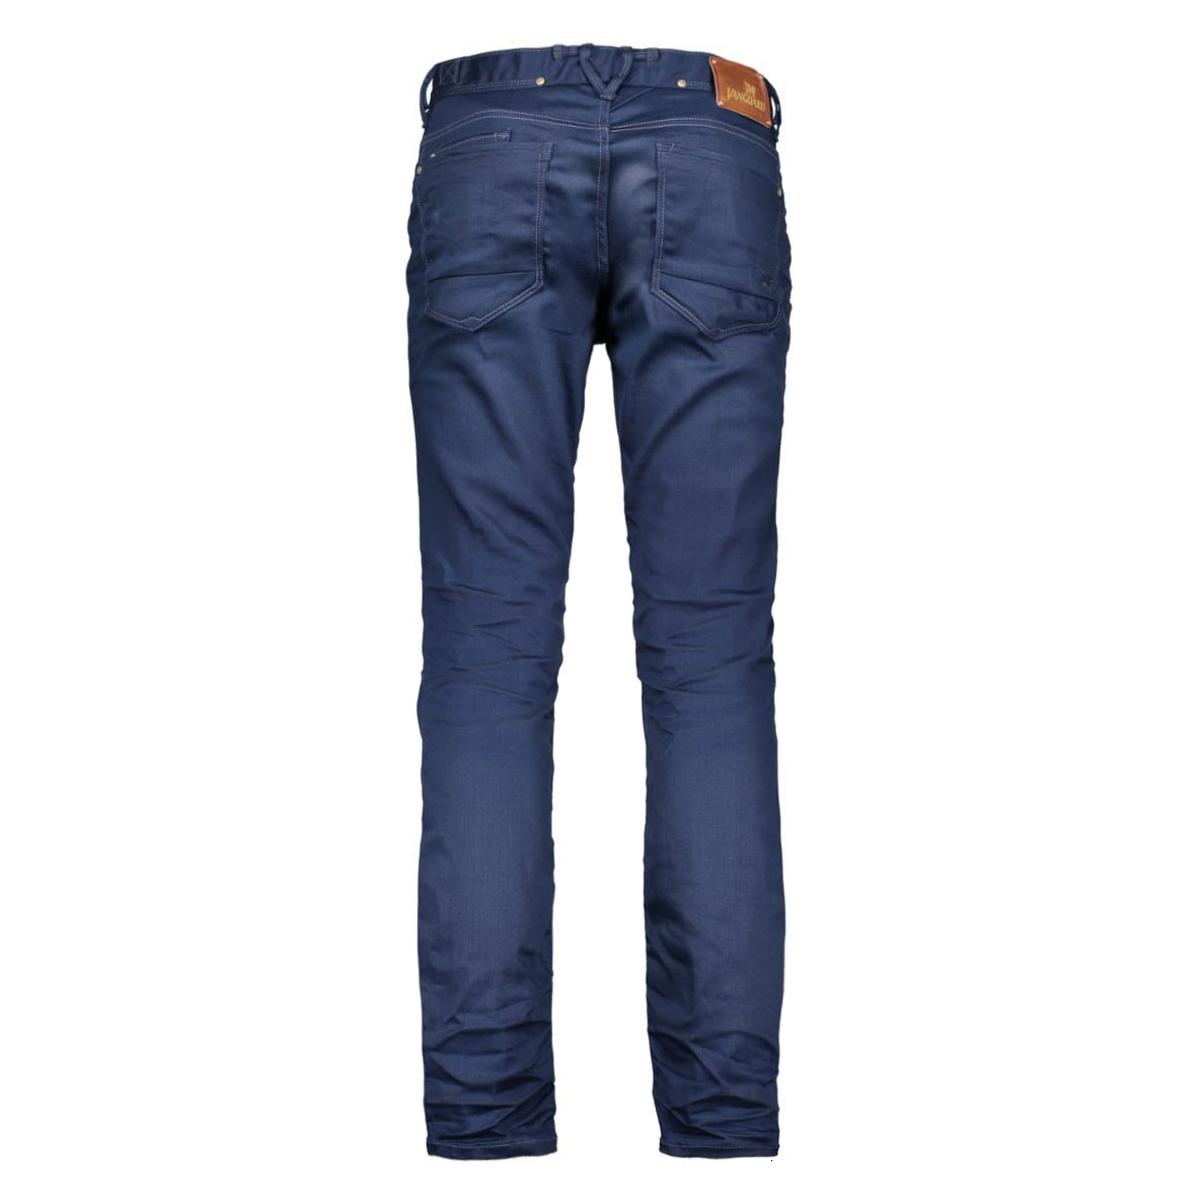 v8 racer vtr525 vanguard jeans dub